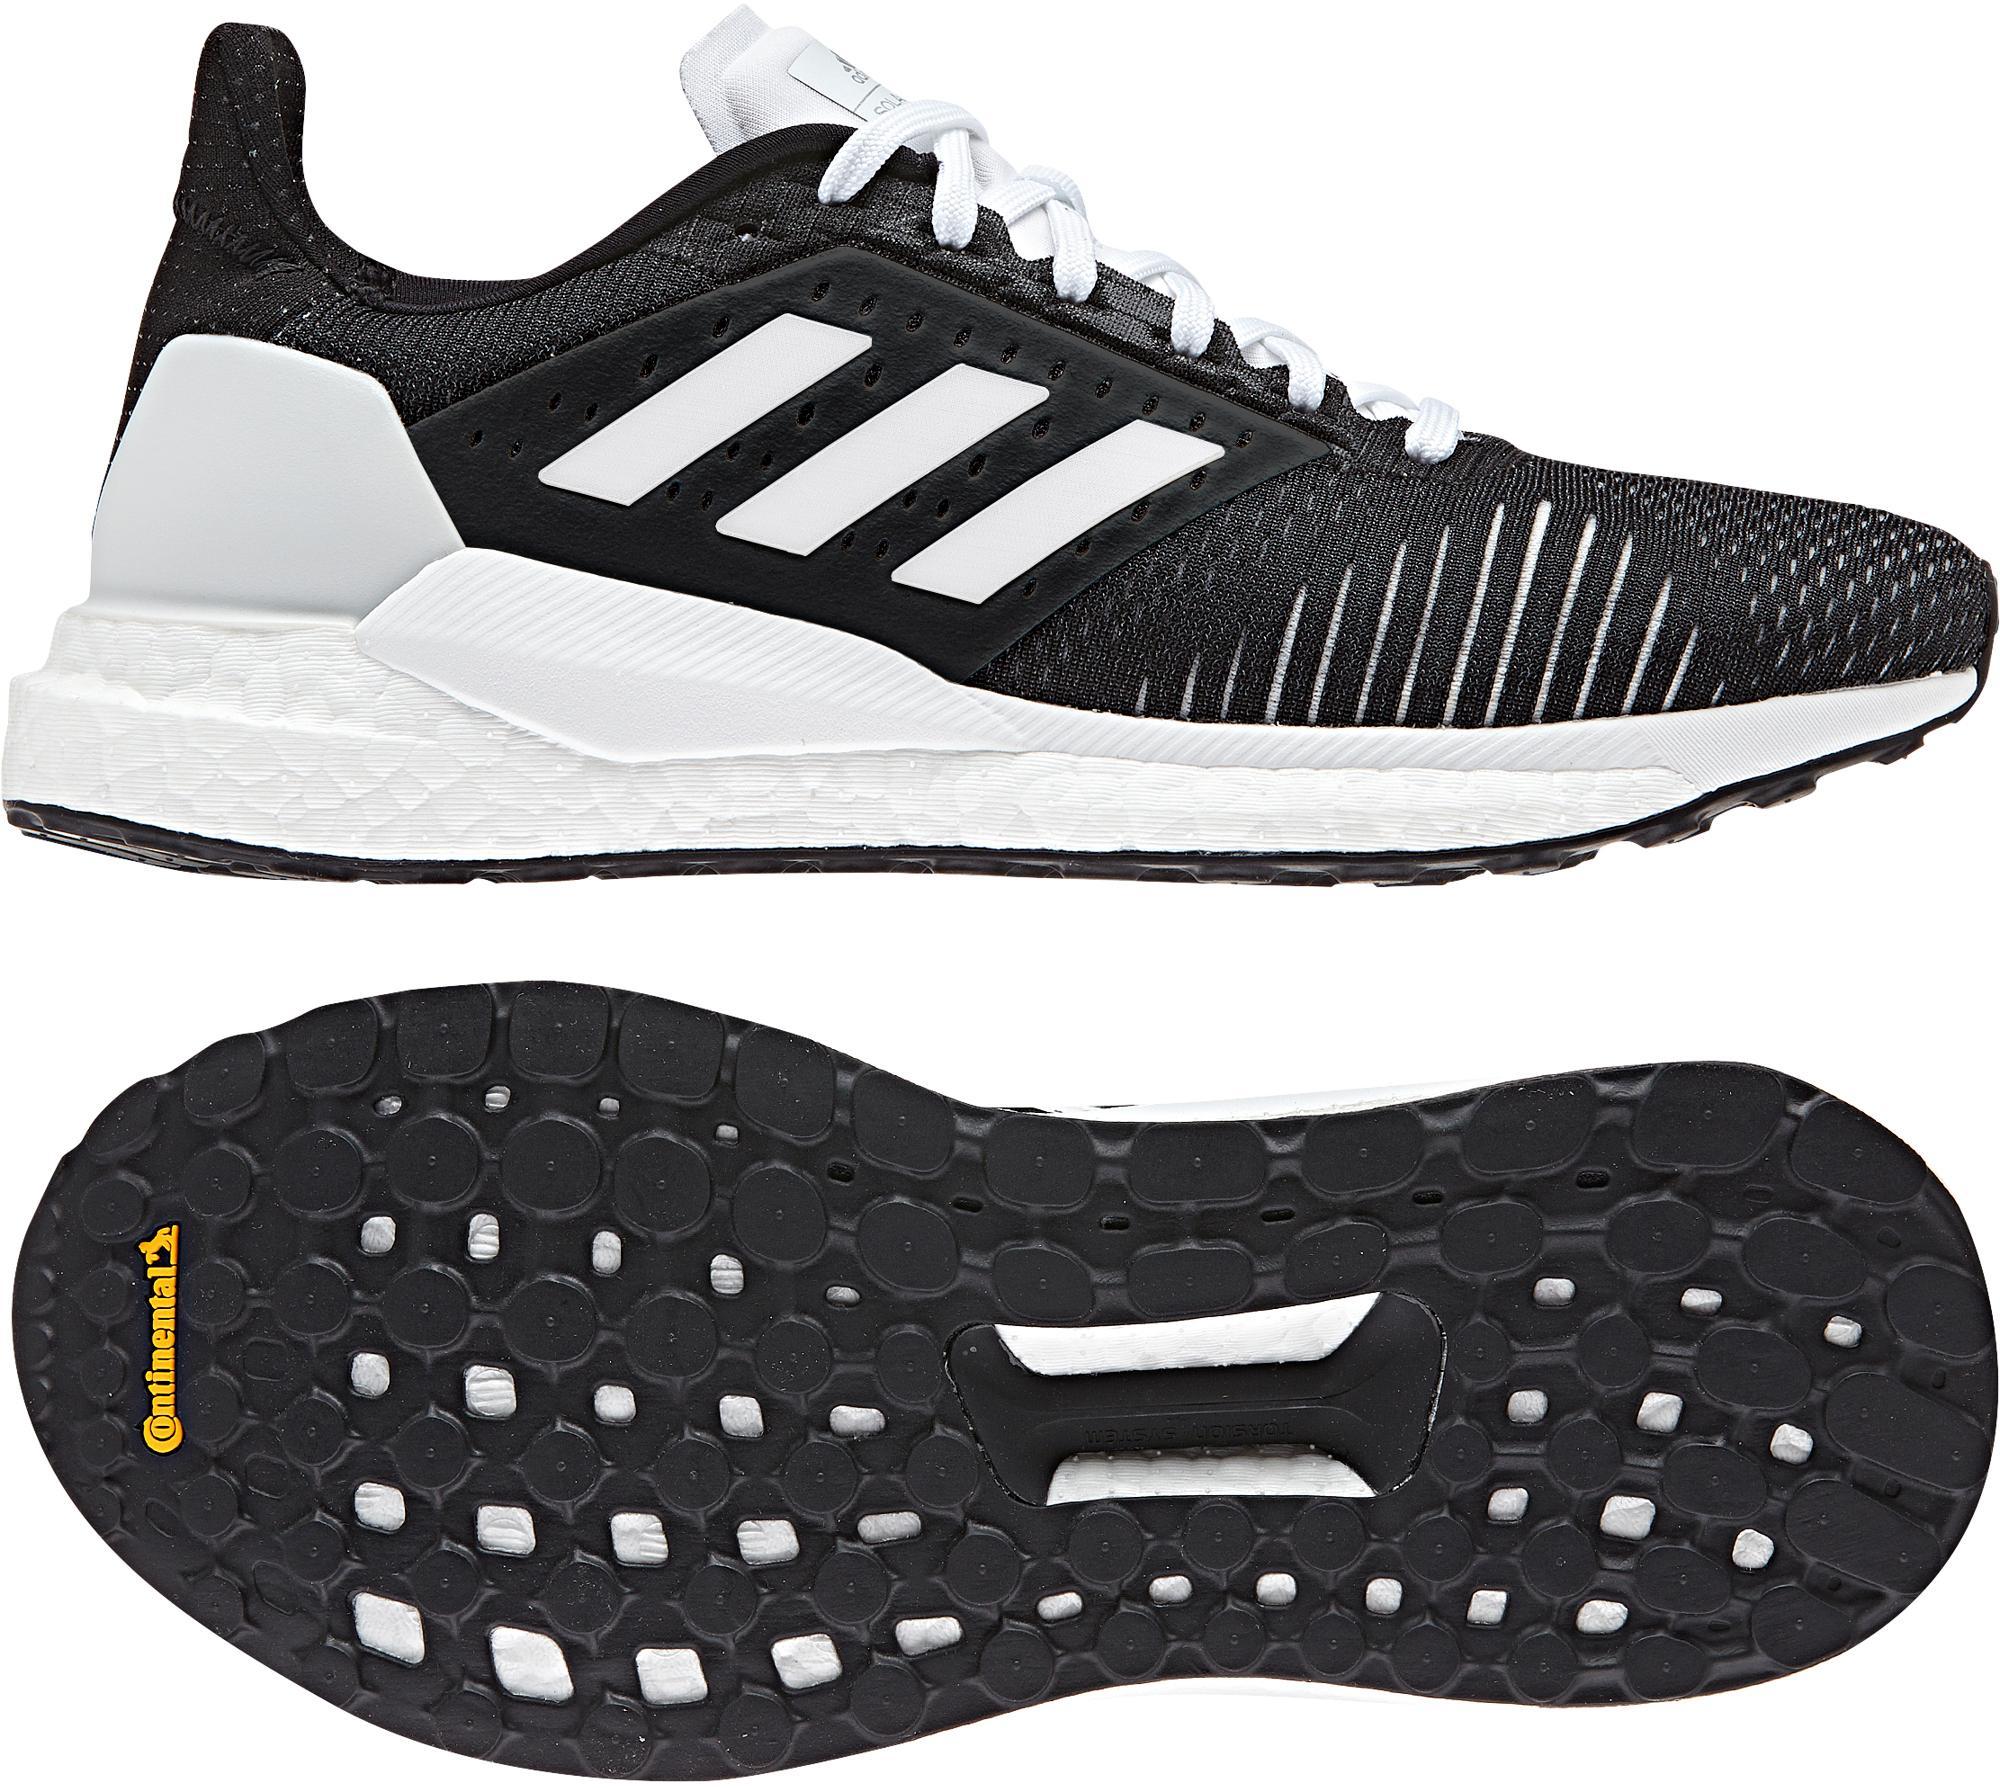 Adidas SOLARGLIDE Laufschuhe Damen core schwarz im Online Shop Shop Shop von SportScheck kaufen Gute Qualität beliebte Schuhe d844d8